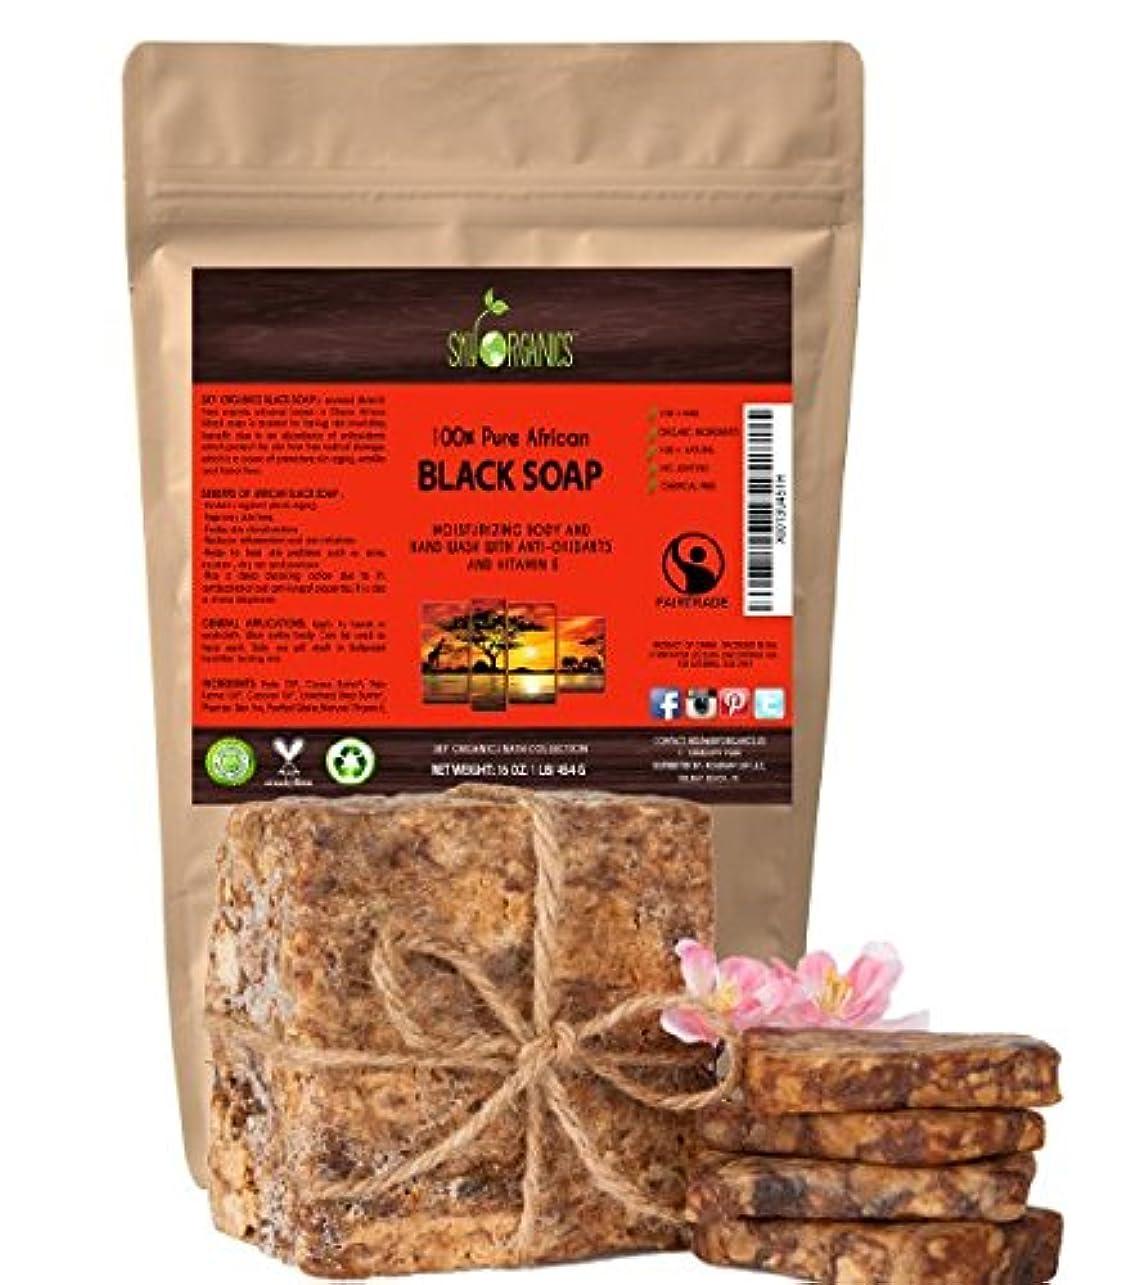 松の木答え特権的切って使う オーガニック アフリカン ブラックソープ (約4563gブロック)Organic African Black Soap (16oz block) - Raw Organic Soap Ideal for Acne...